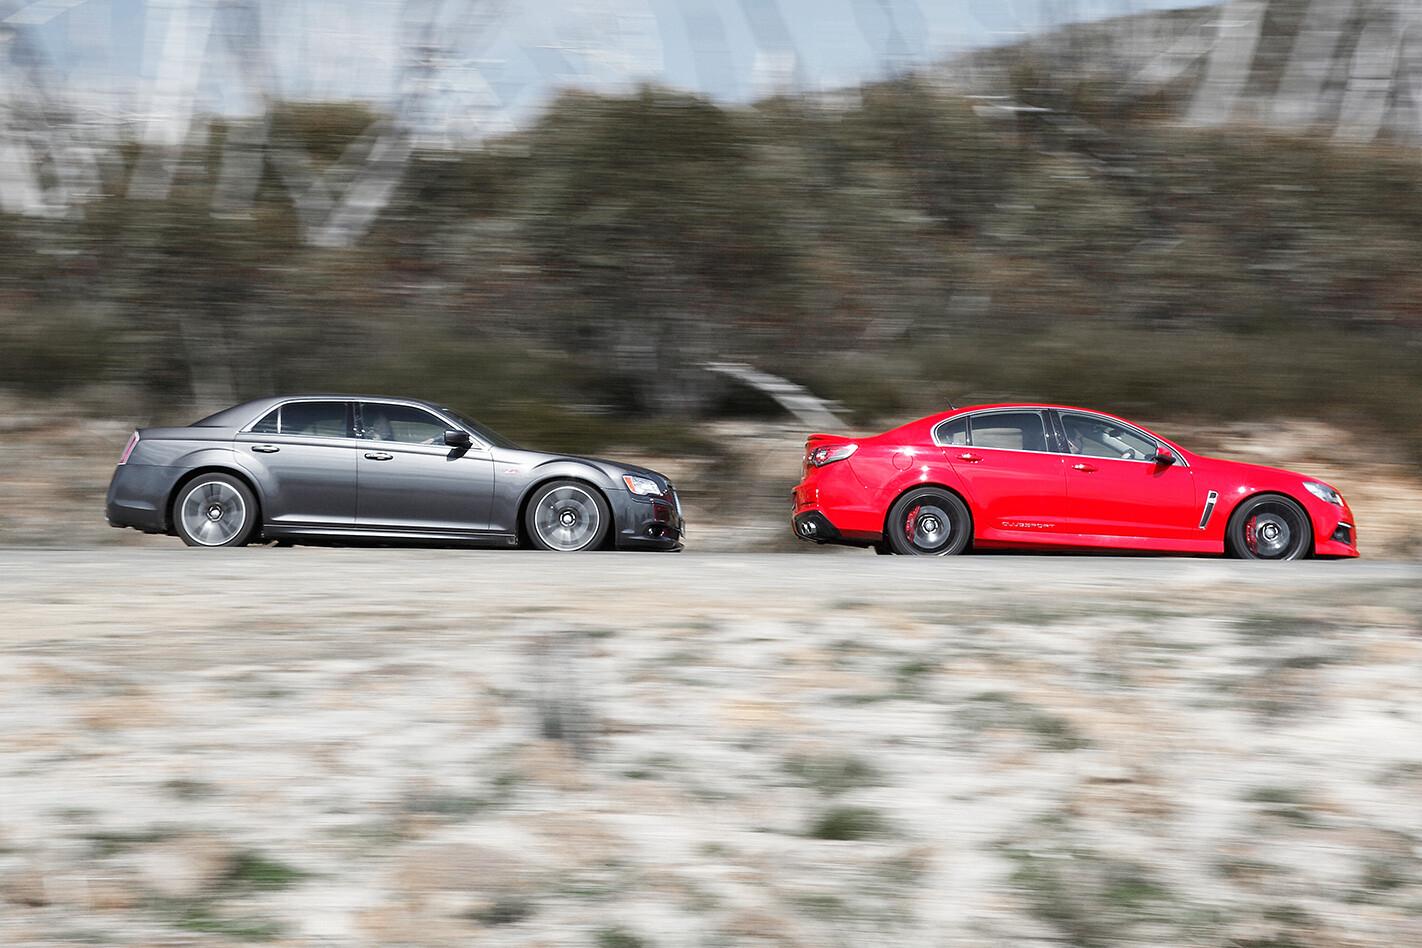 HSV Clubsport vs Chrysler 300 SRT8 Core testing